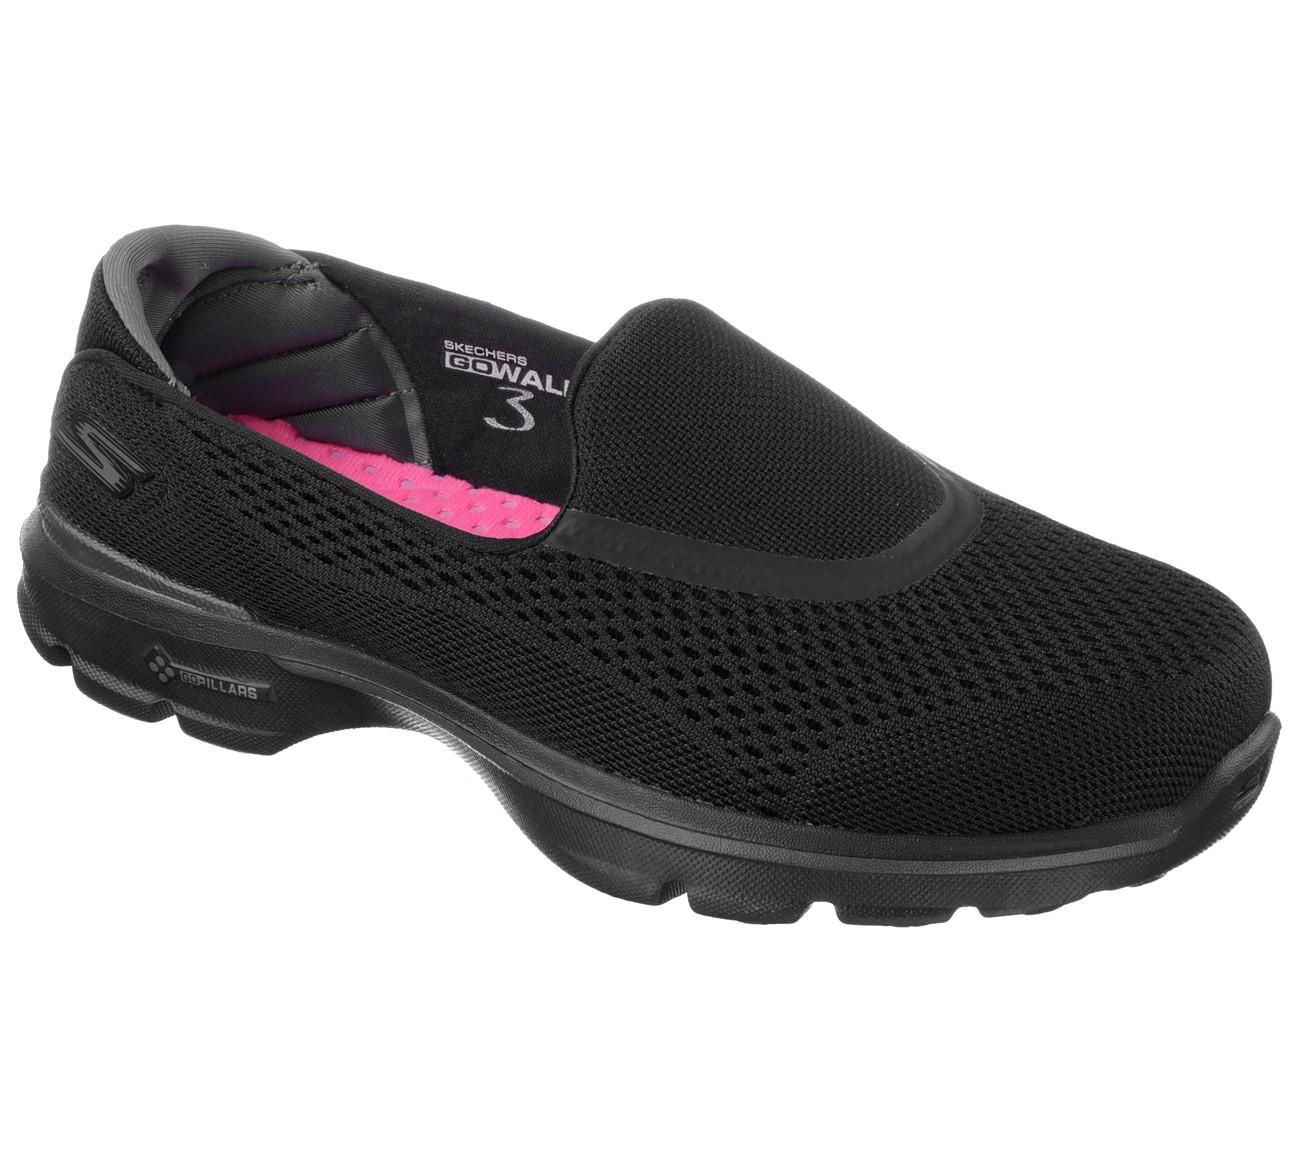 Skechers Bayan Yürüyüş Ayakkabısı Modelleri-Ayakkabı Modelleri (13)